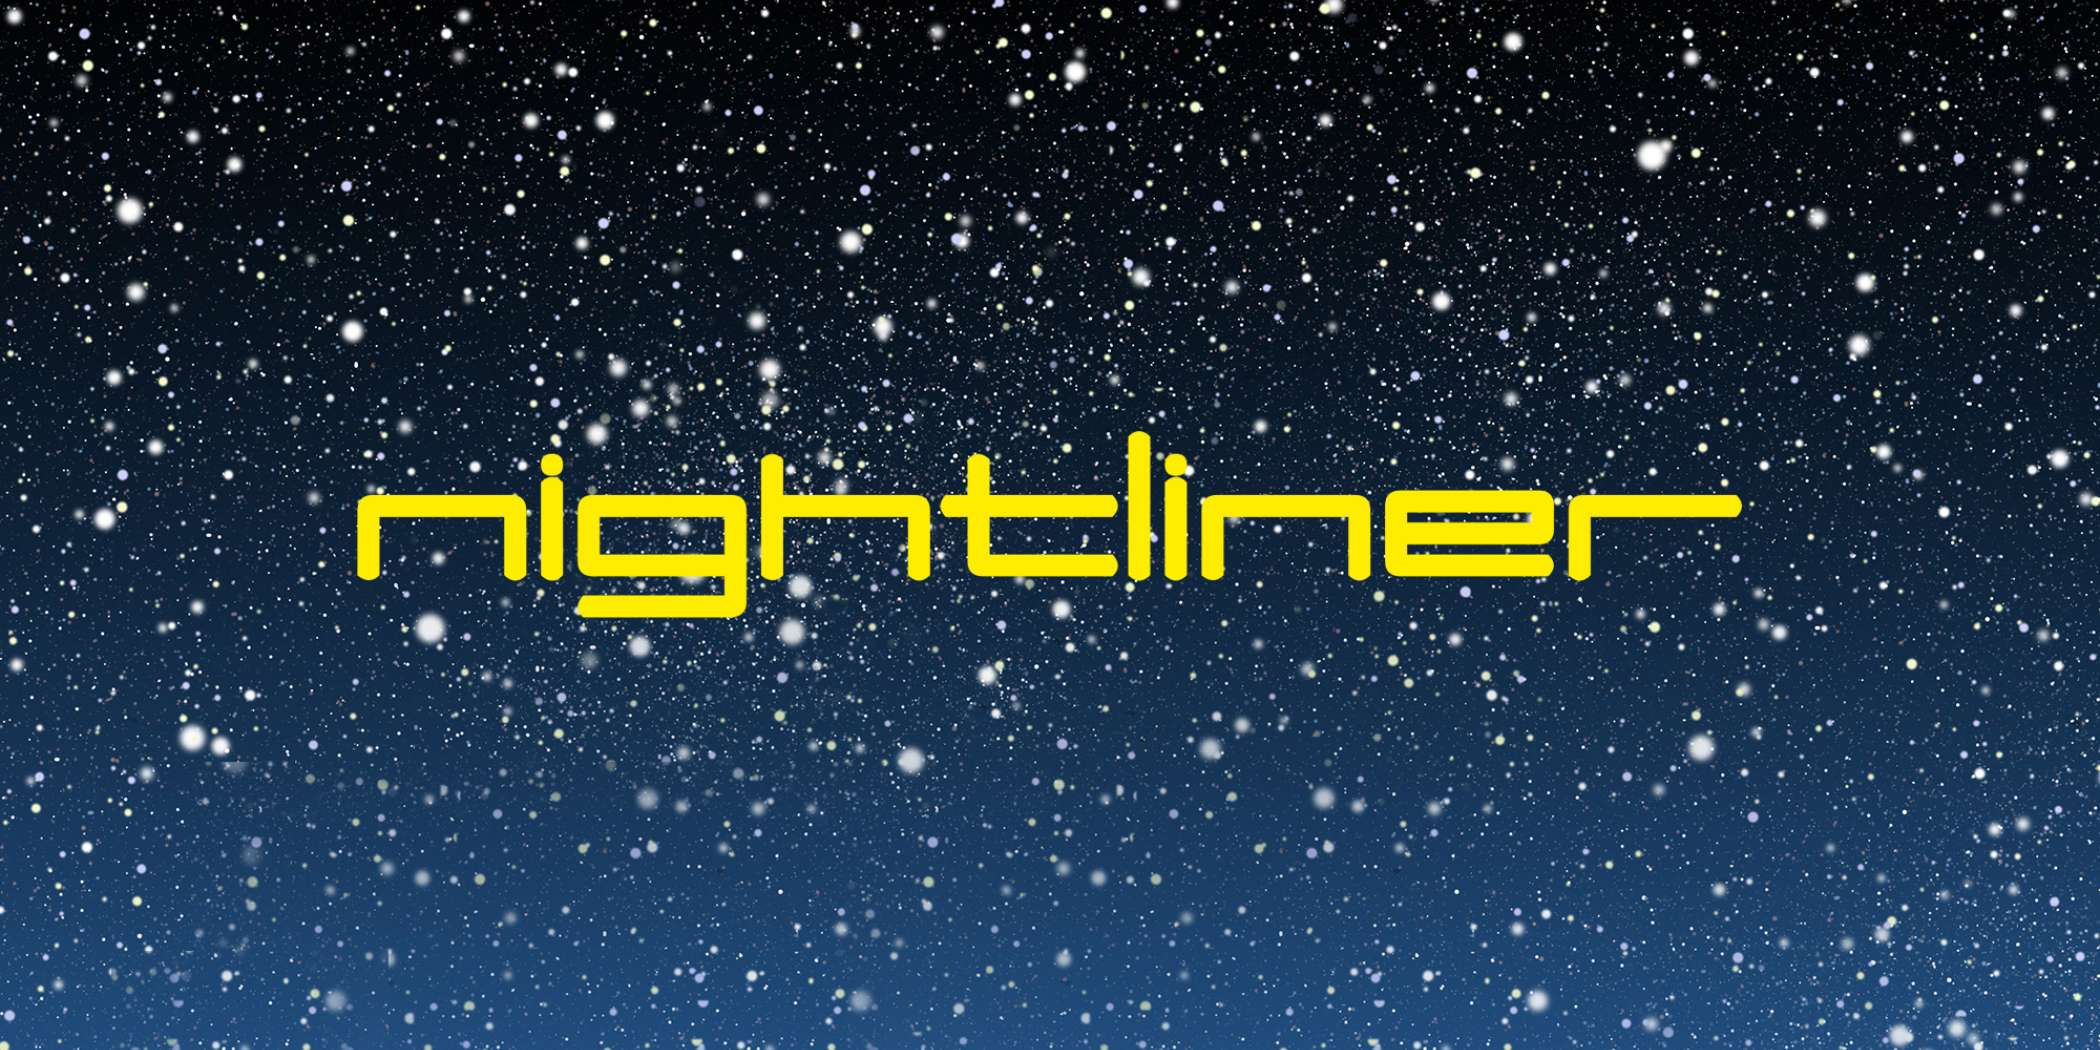 nightliner-01